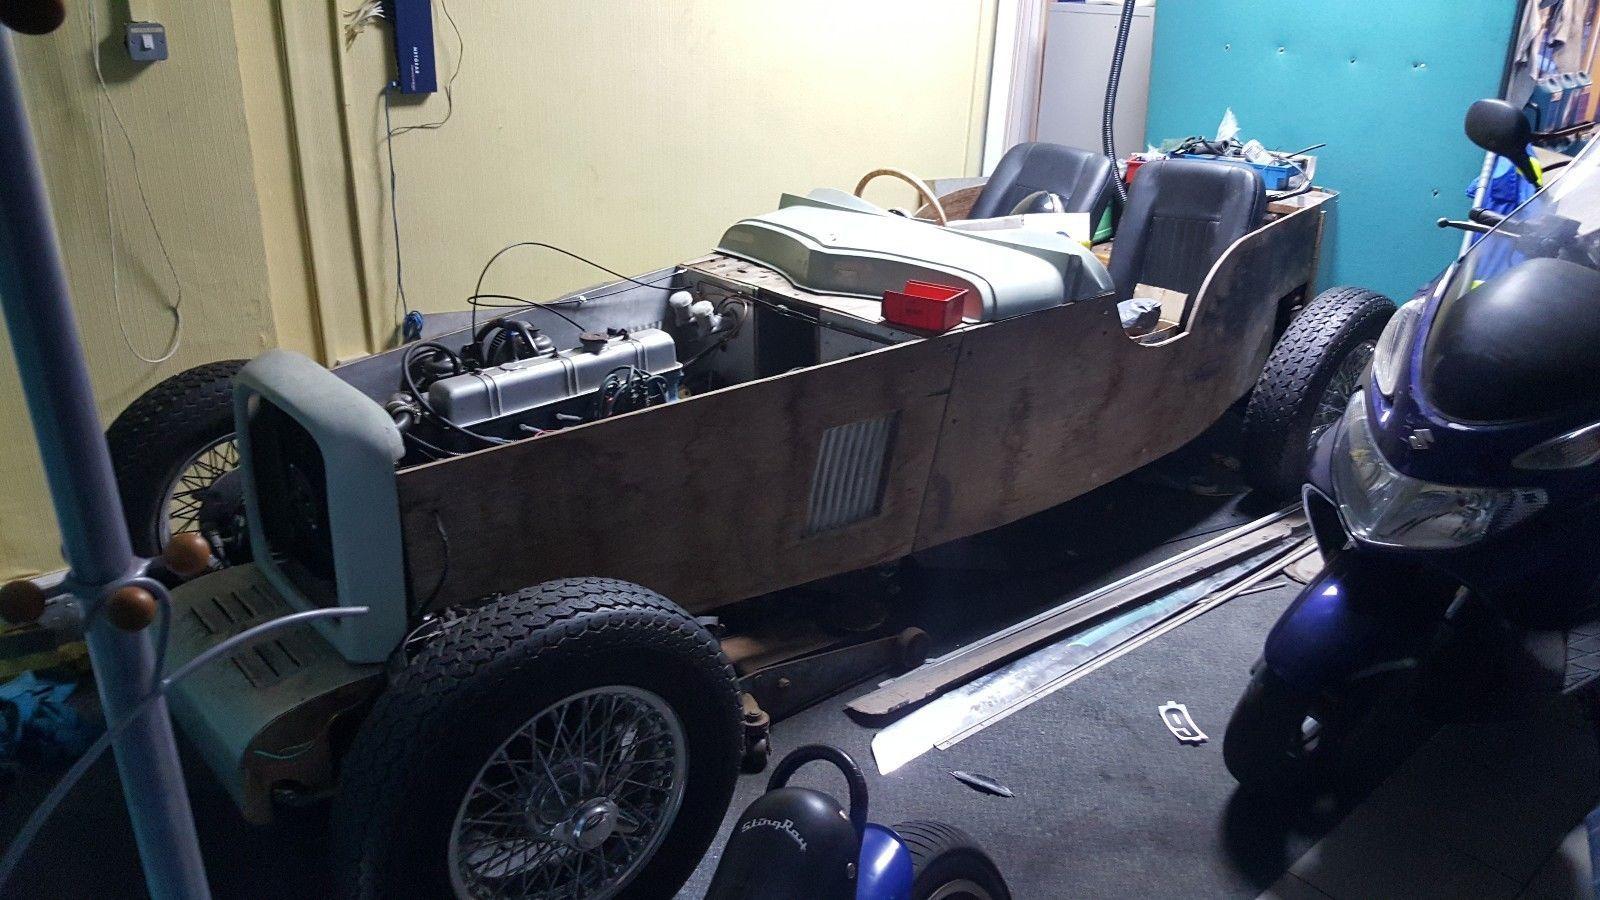 1969 Burlington arrow kit car triumph vitesse mk2 based unfinished ...